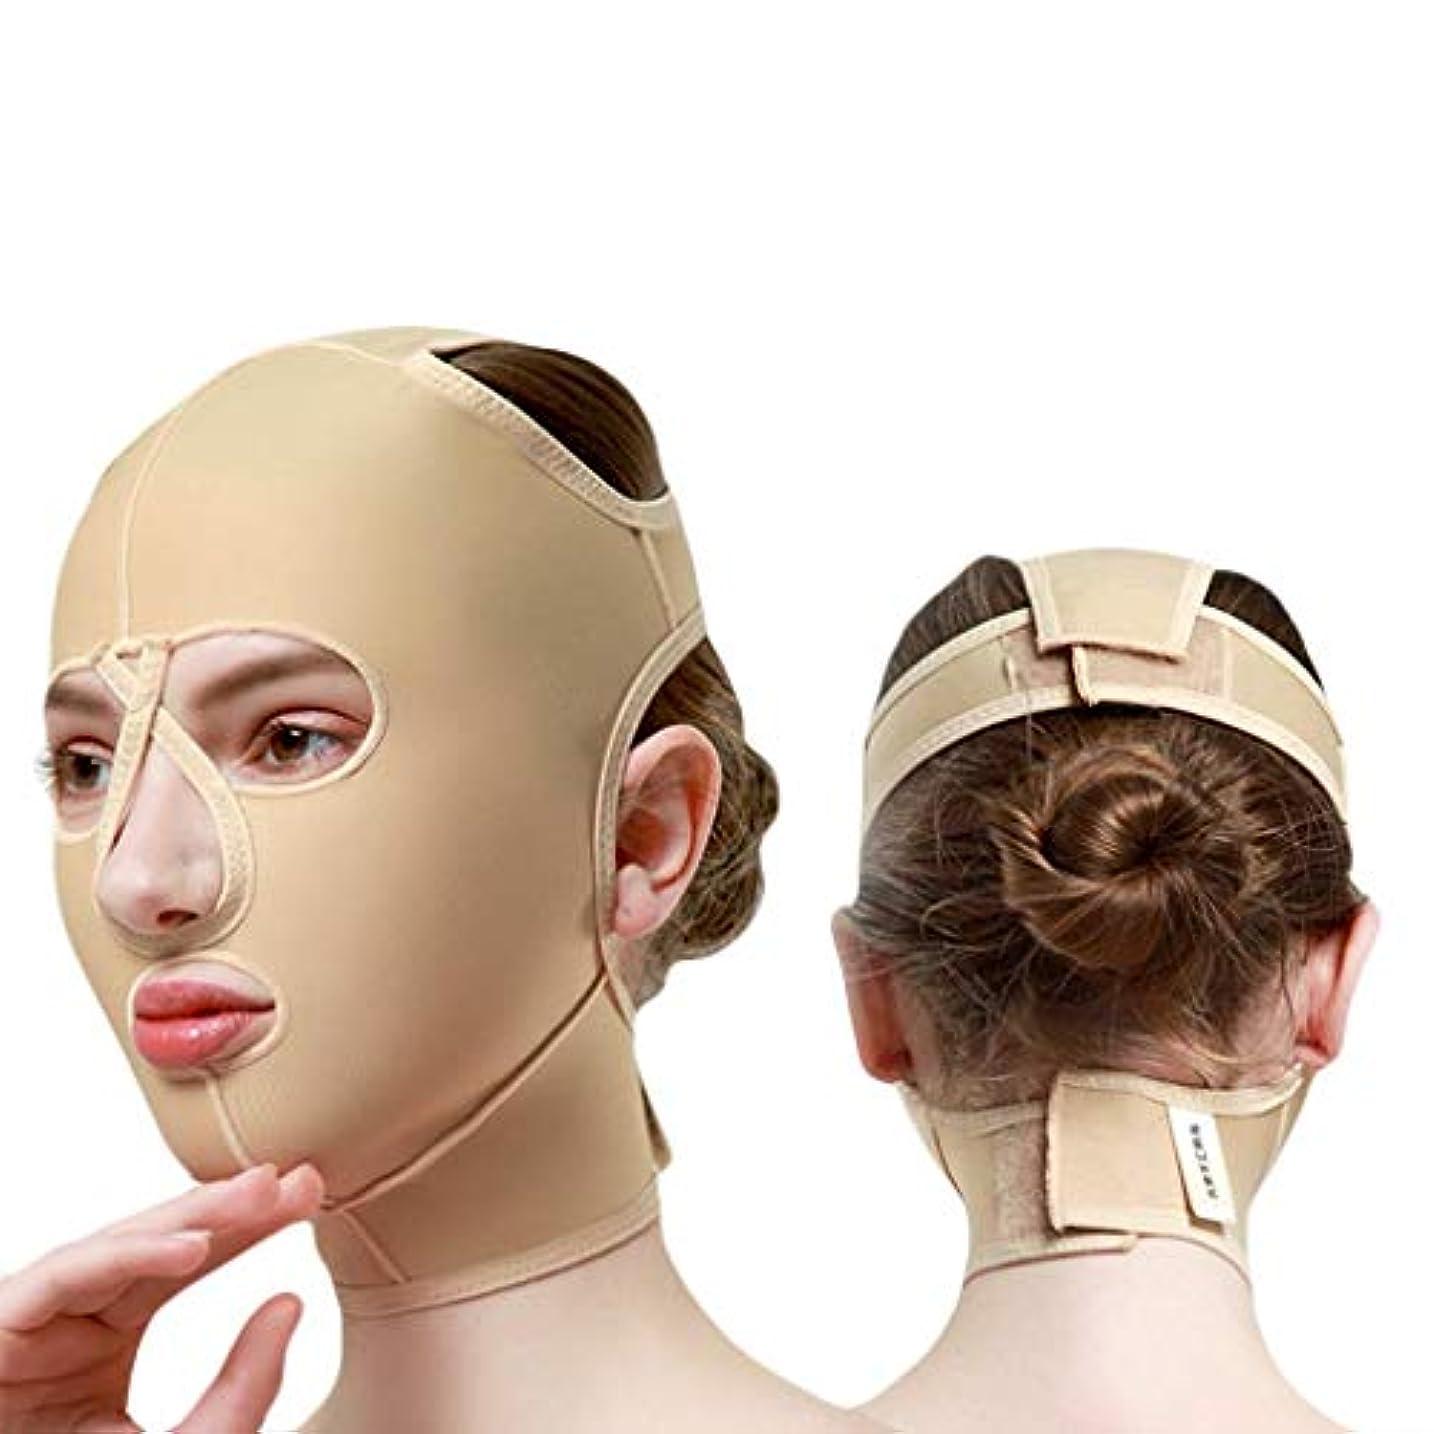 バース水平小道チンストラップ、顔彫りツール、リフティングマスク、ダブルチンリデューサー、フェイスリフティングエラスティックマスクメス(サイズ:M),L